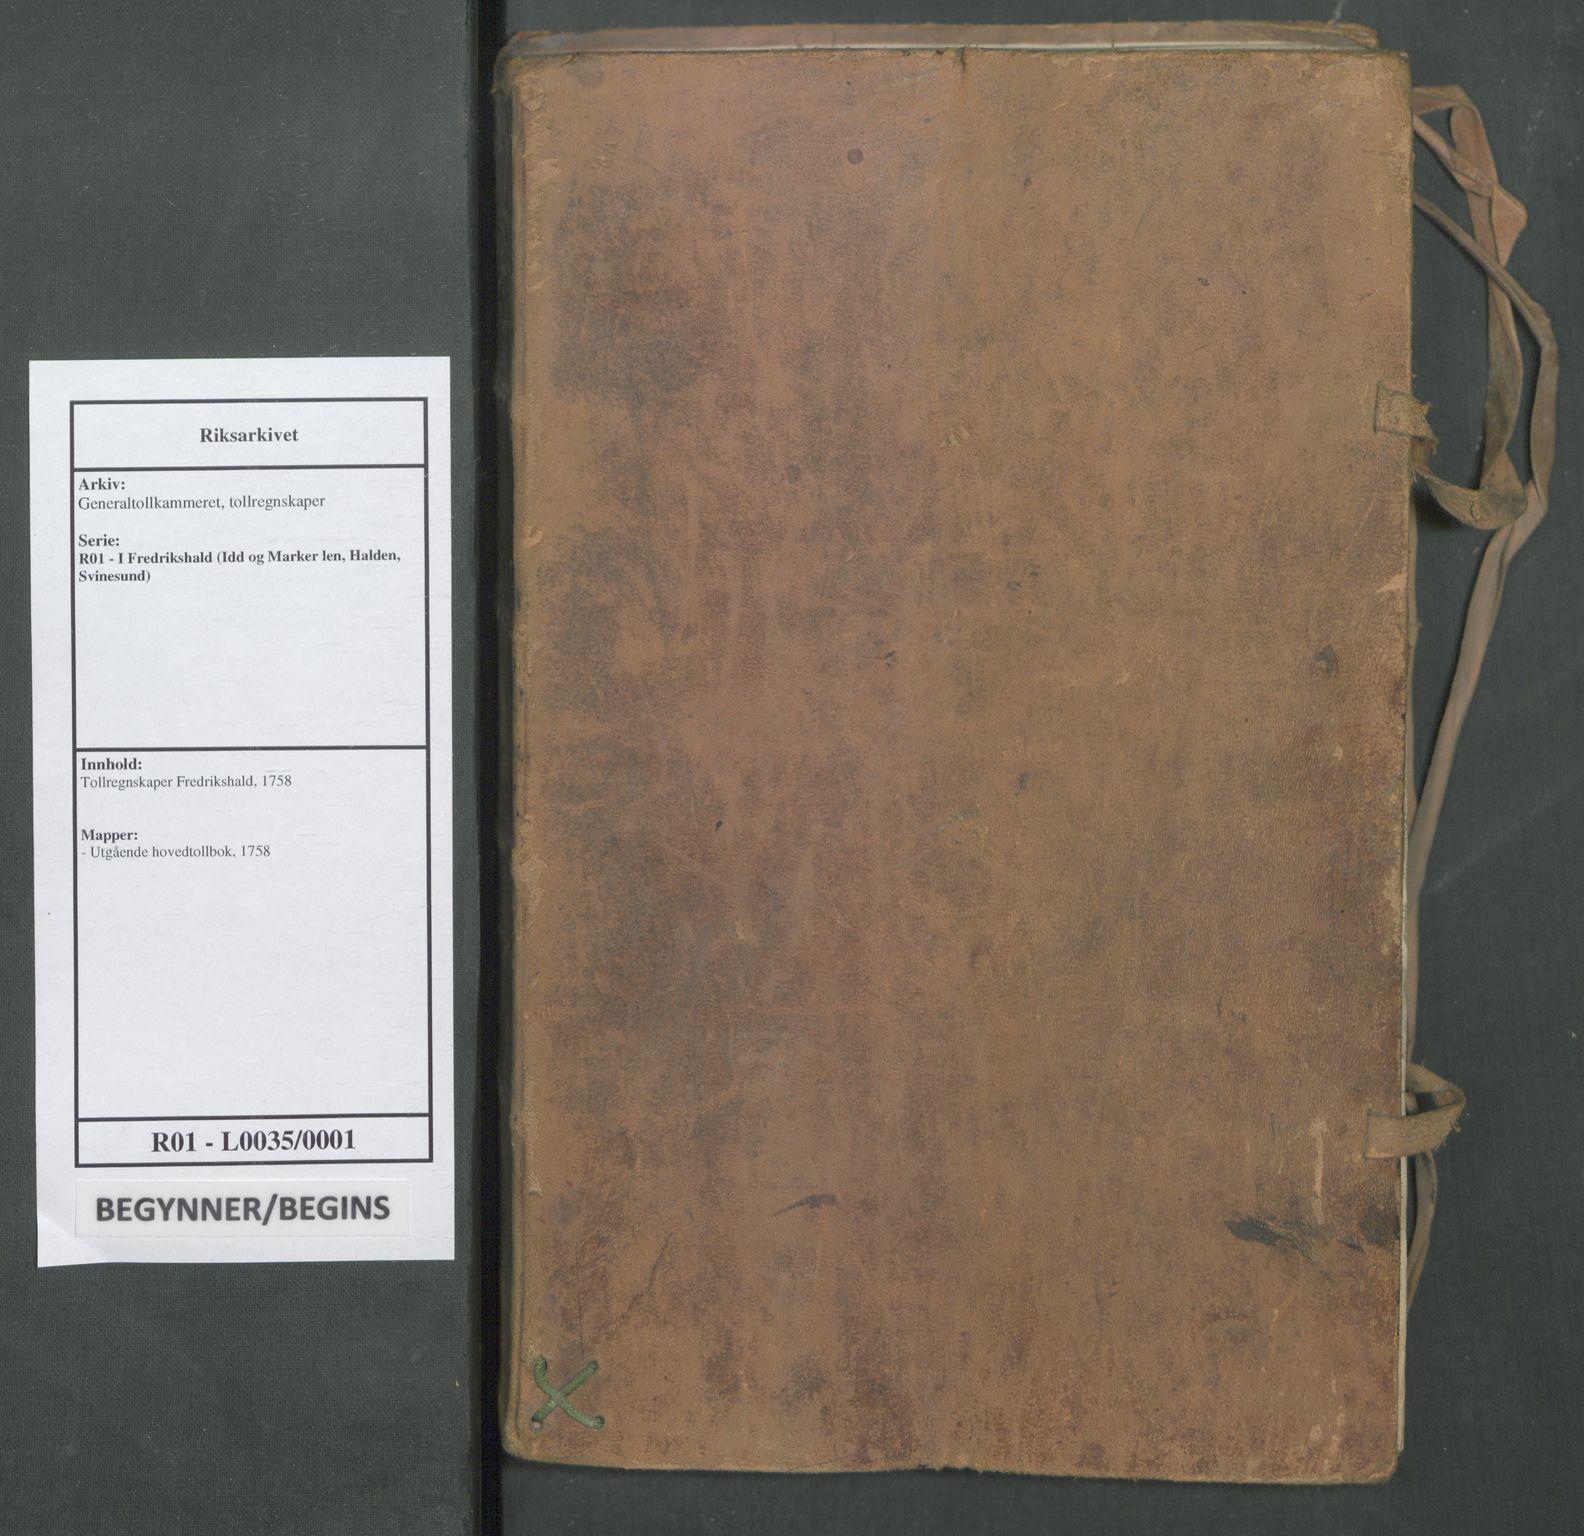 RA, Generaltollkammeret, tollregnskaper, R01/L0035: Tollregnskaper Fredrikshald, 1758